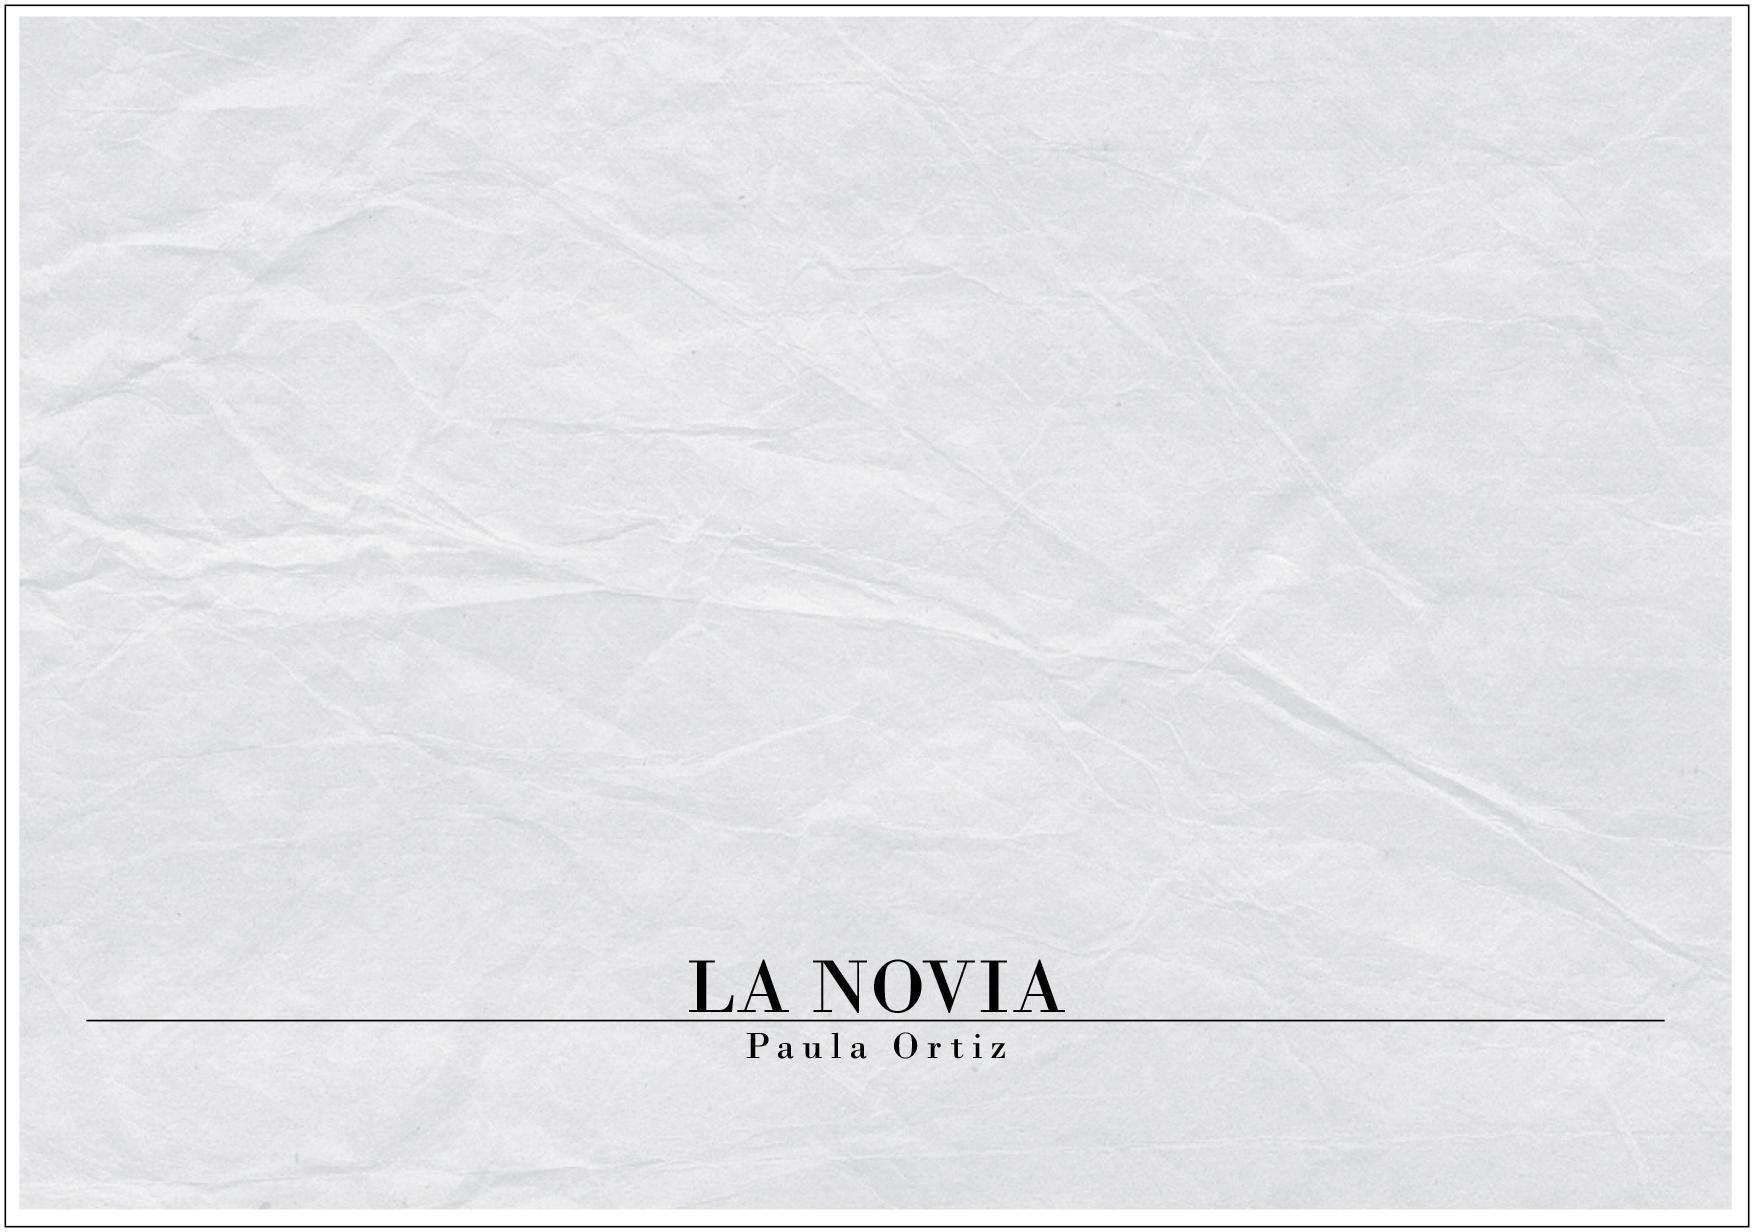 Los Goya 2016 - Mimelo Estudio Creativo